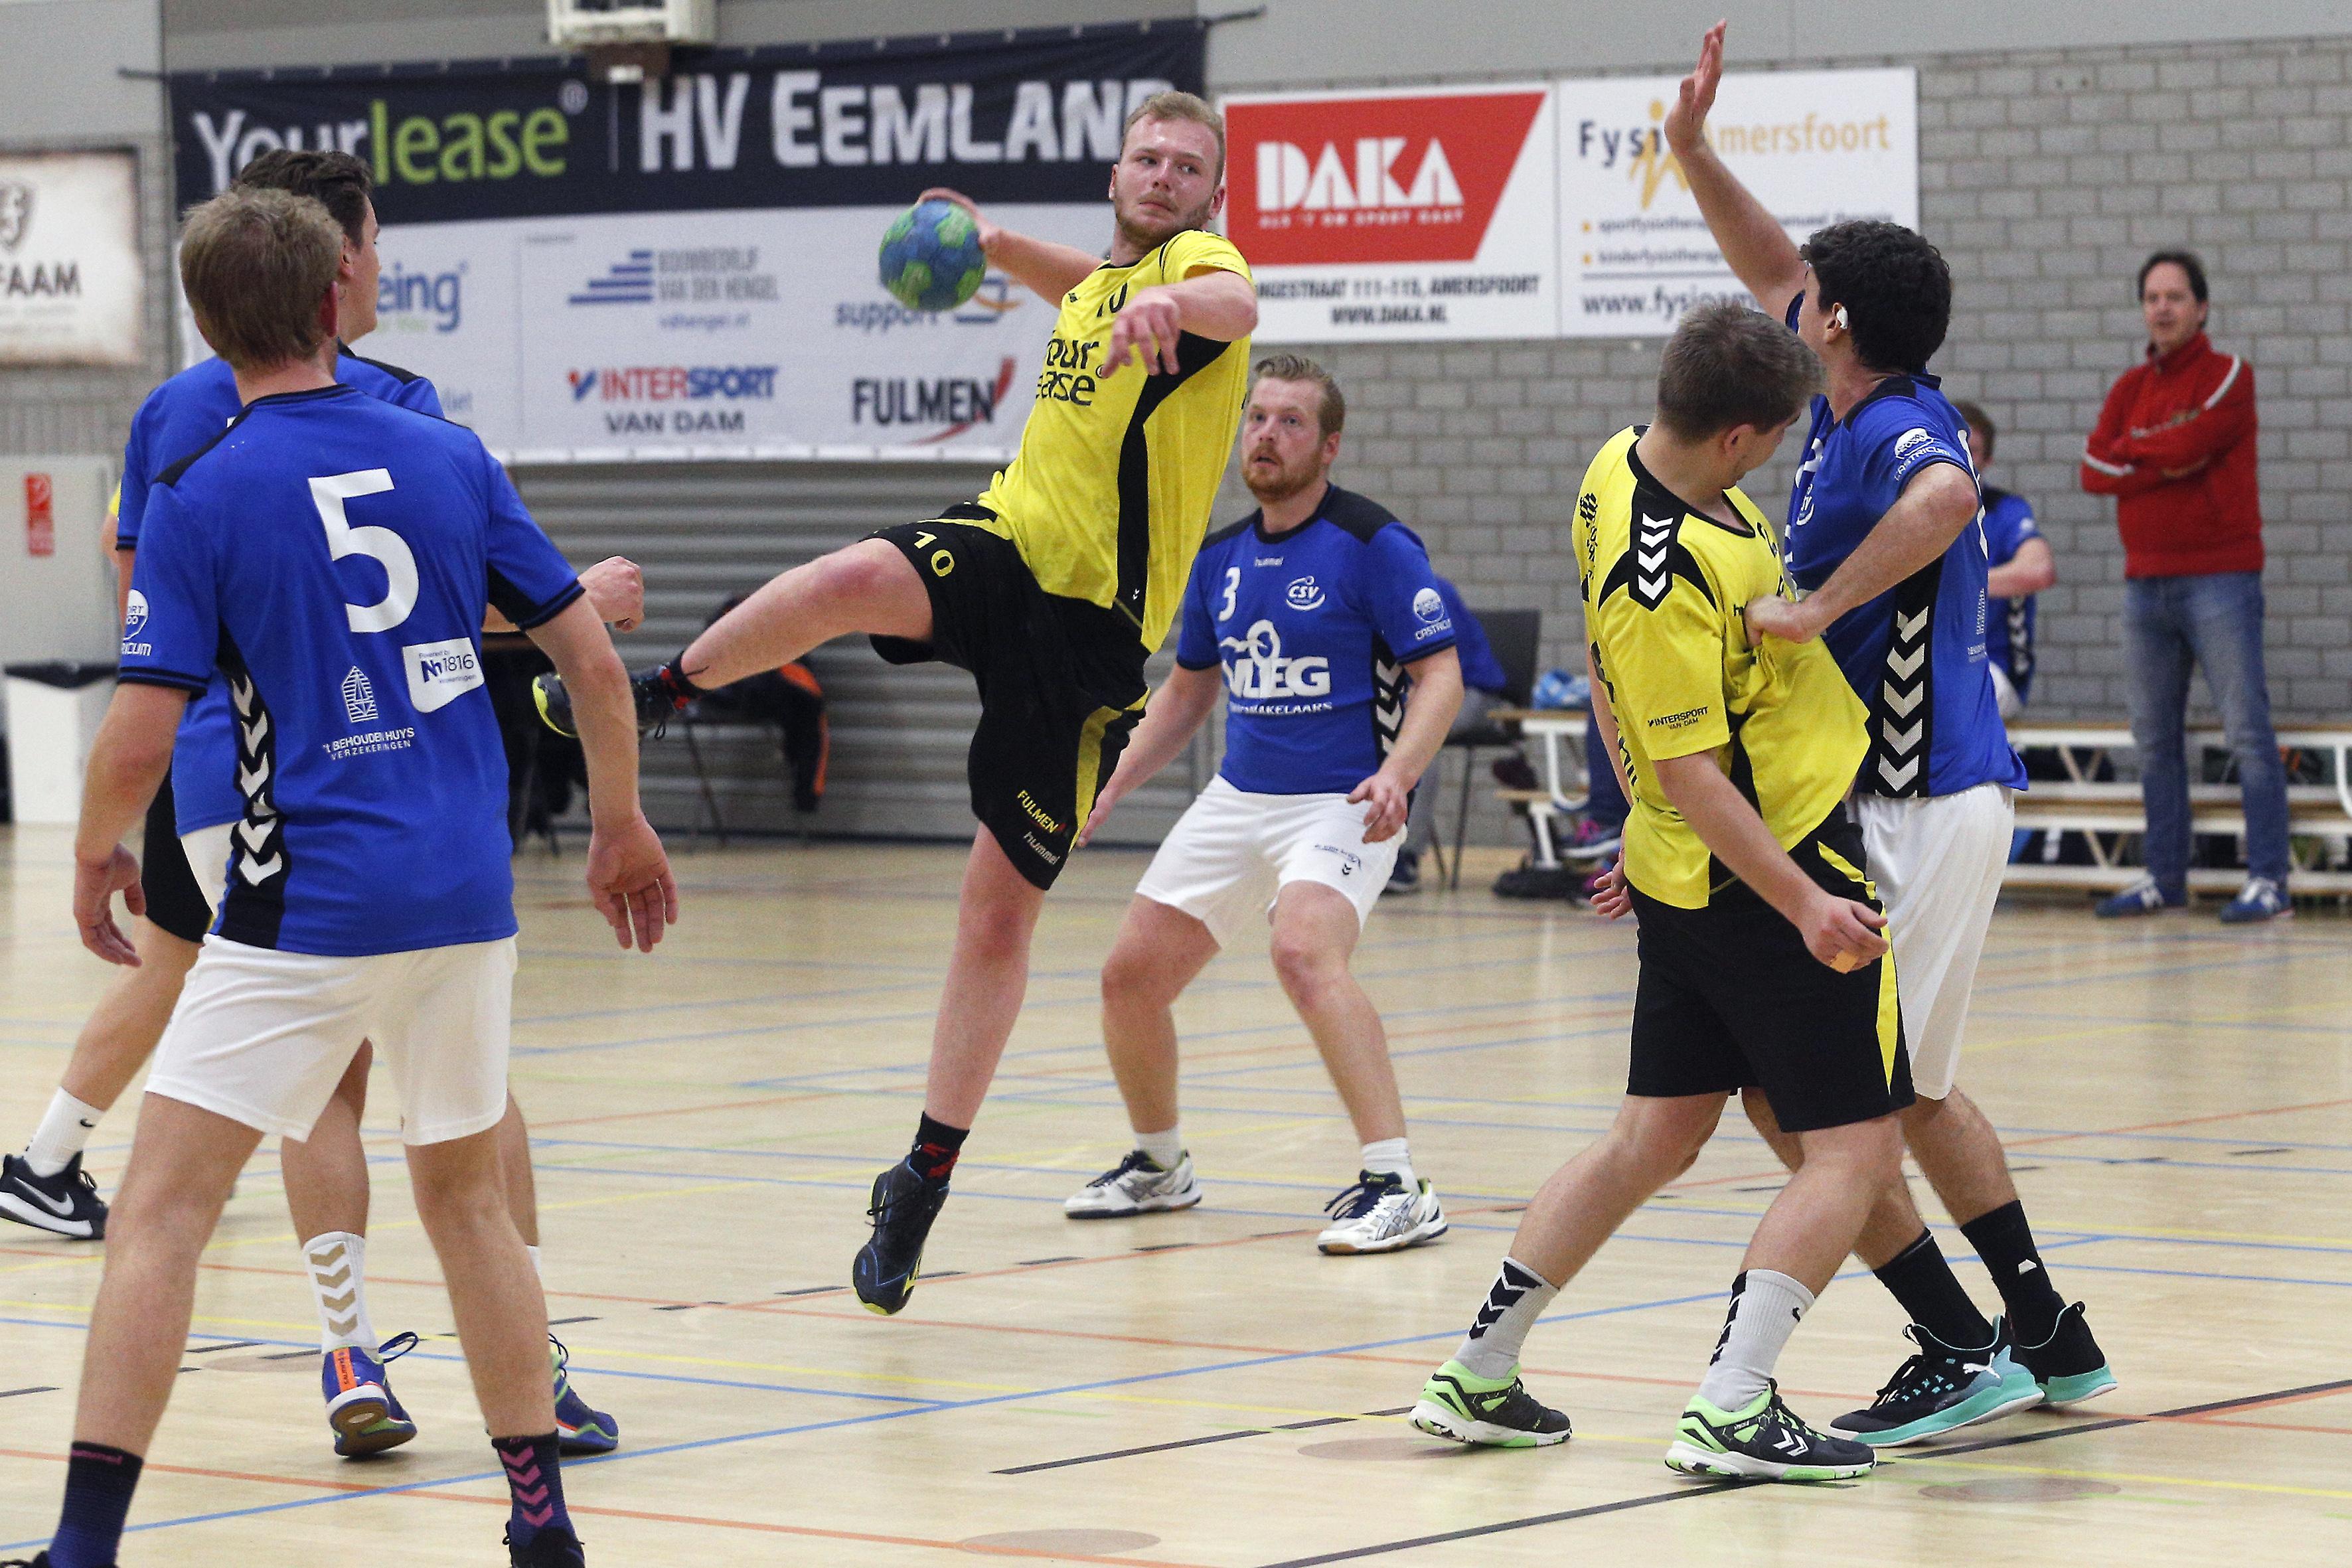 Compleet gerenoveerd HV Eemland is blij met herkansing en gaat met nieuw elan de eerste divisie in: 'Iedere wedstrijd tot het gaatje'